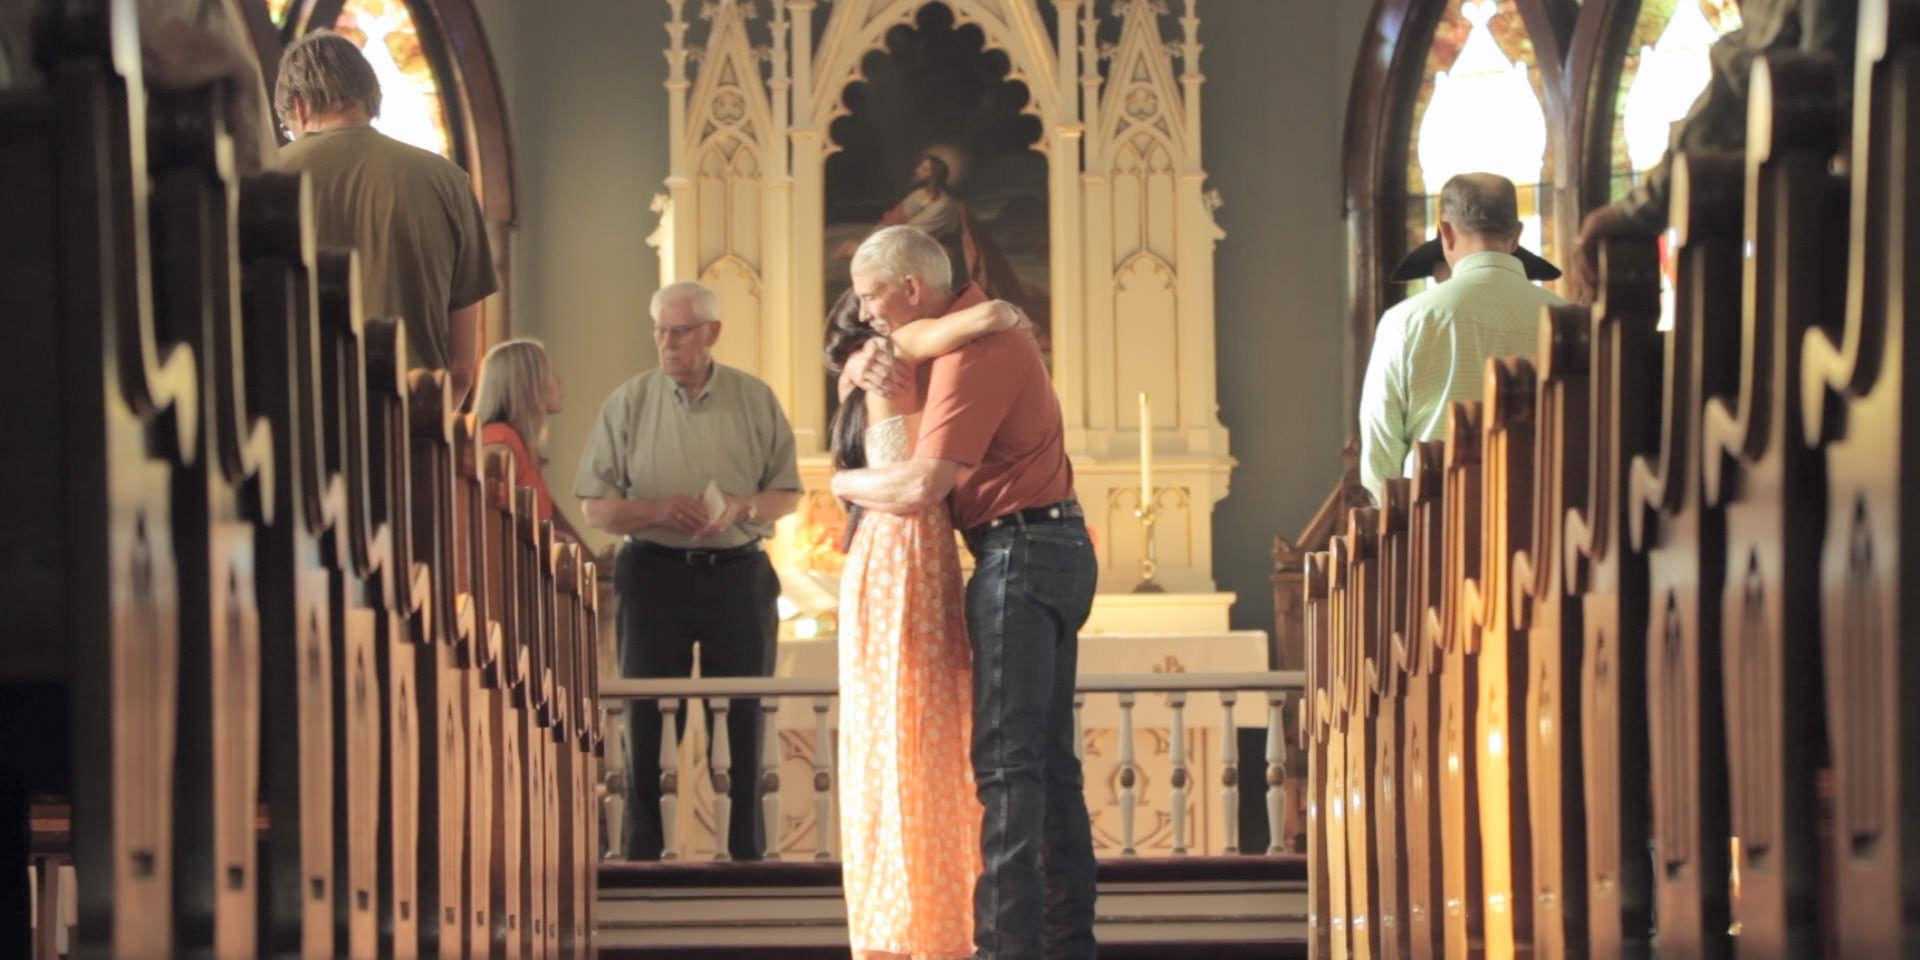 tyler&melissa wedding story.Still006.jpg